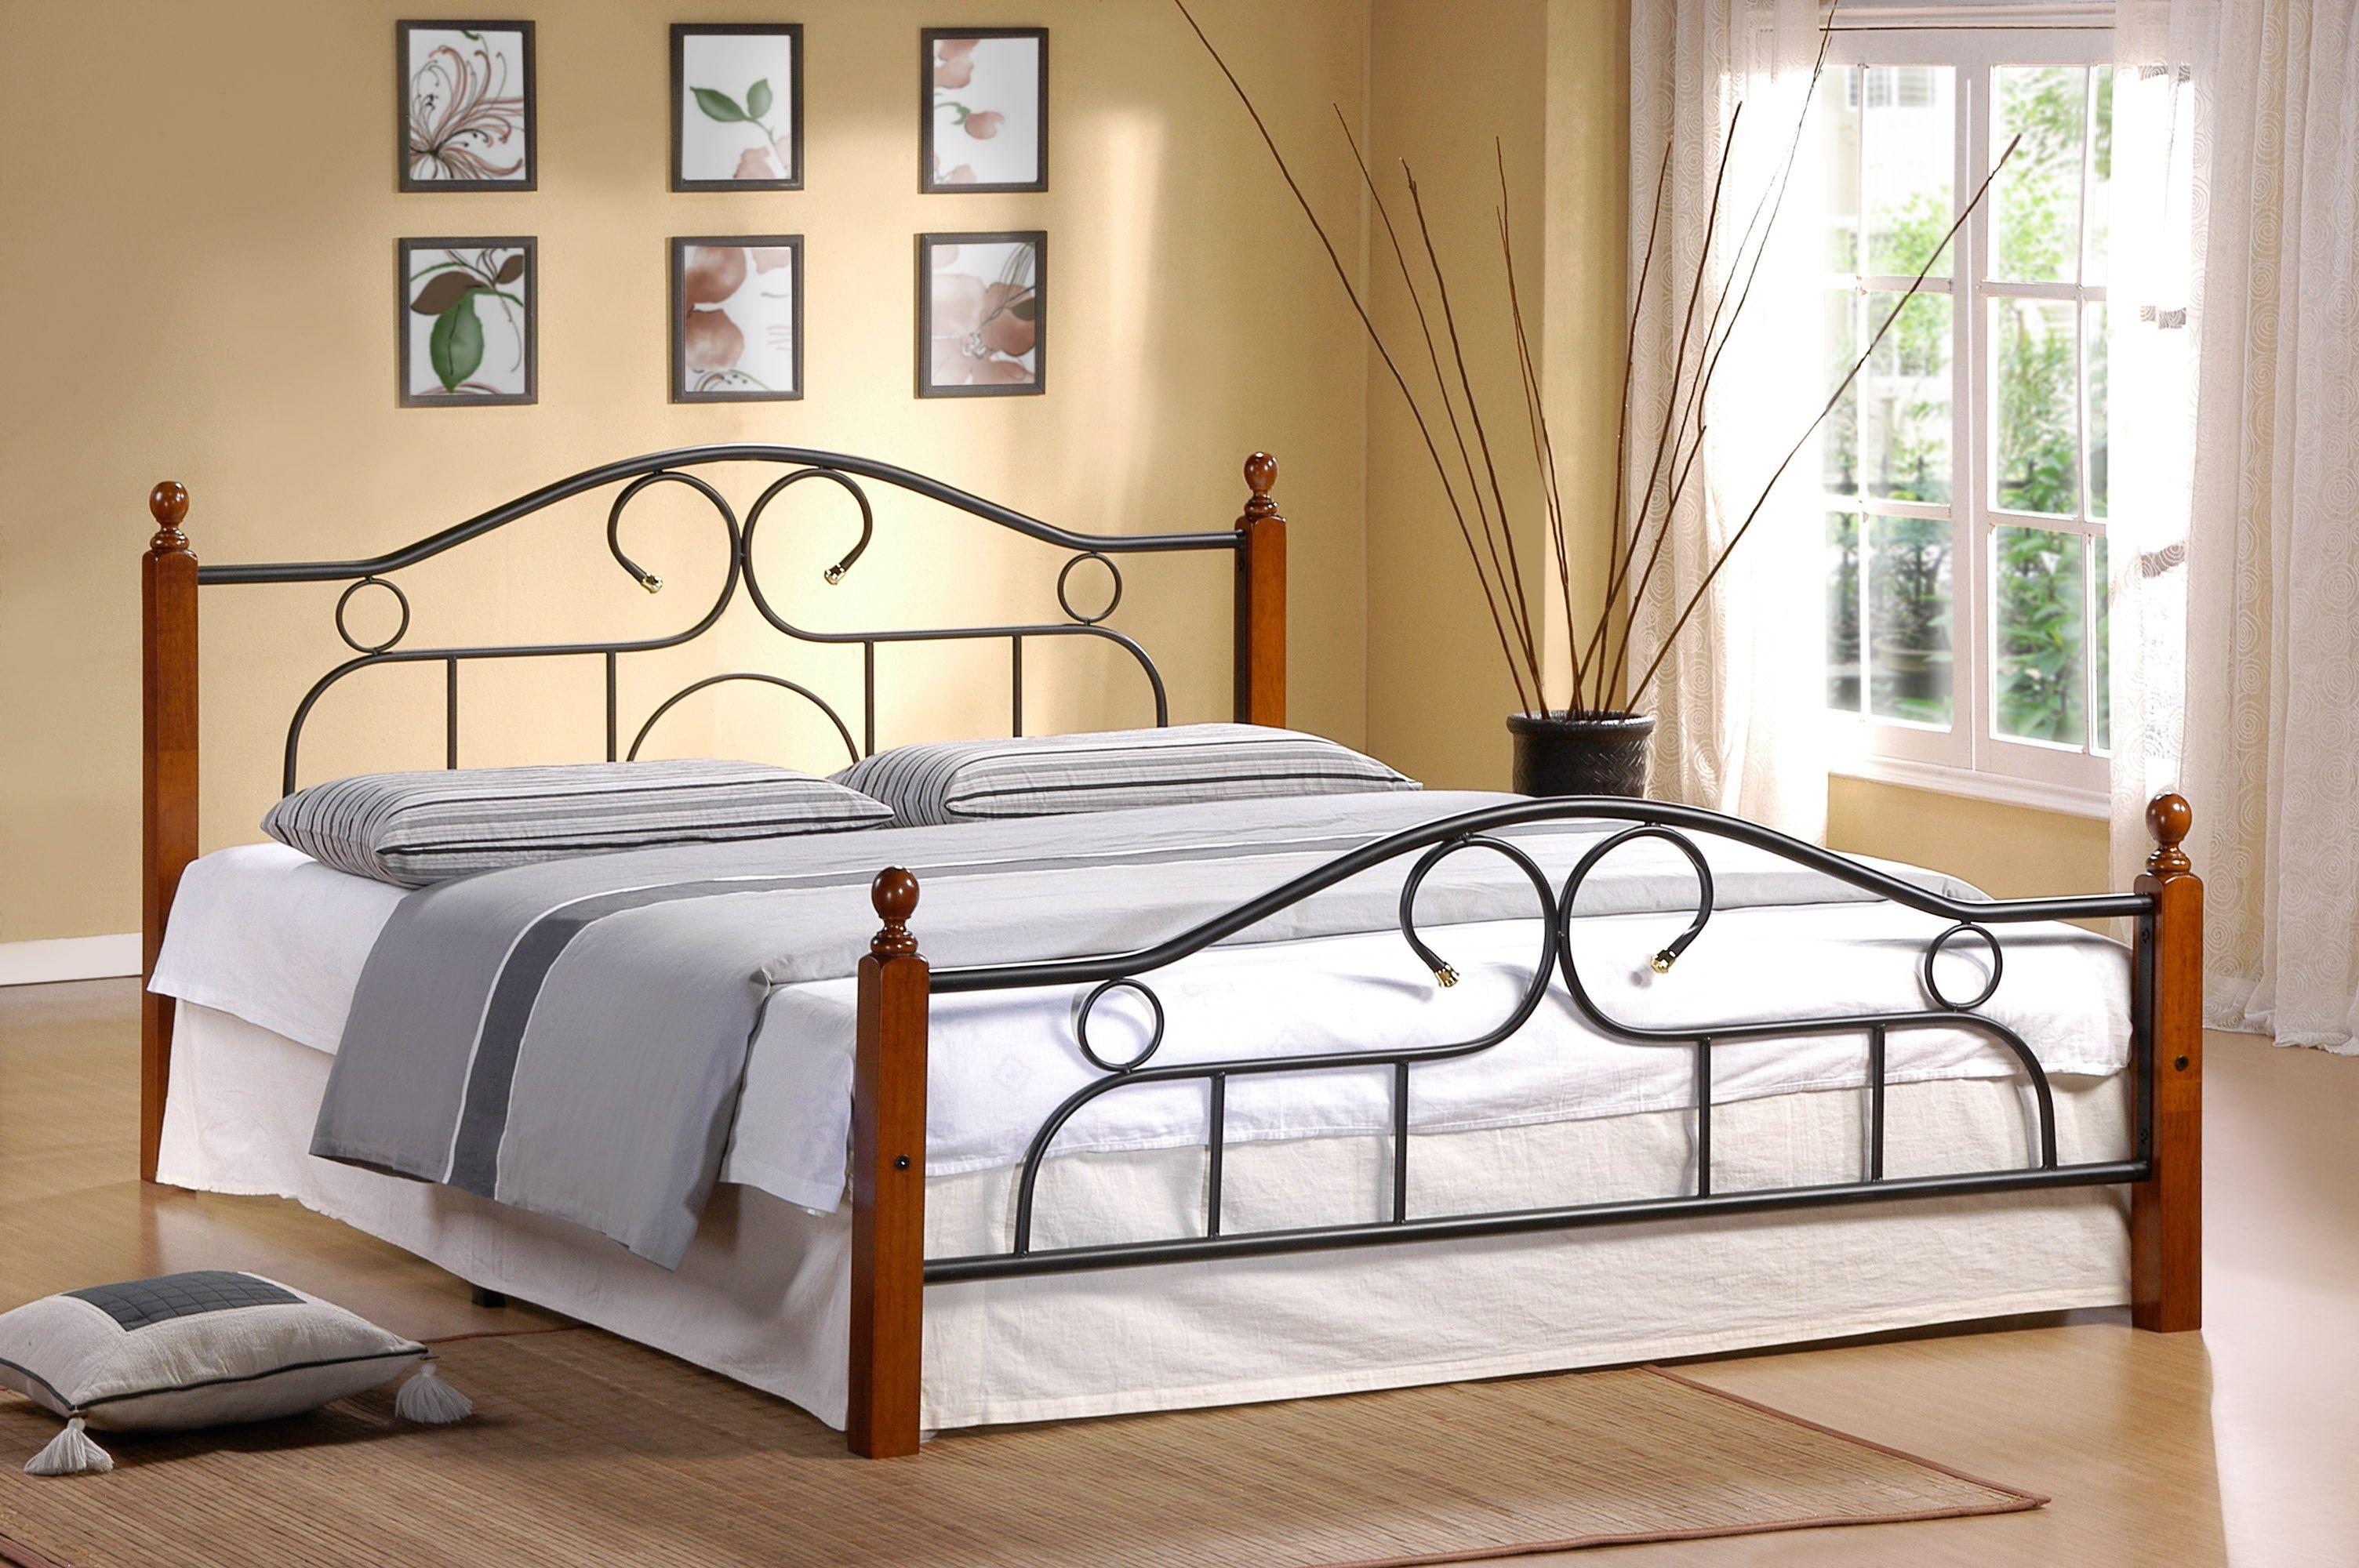 Металлическая кровать AT 808 (метал- каркас) + основание 2223